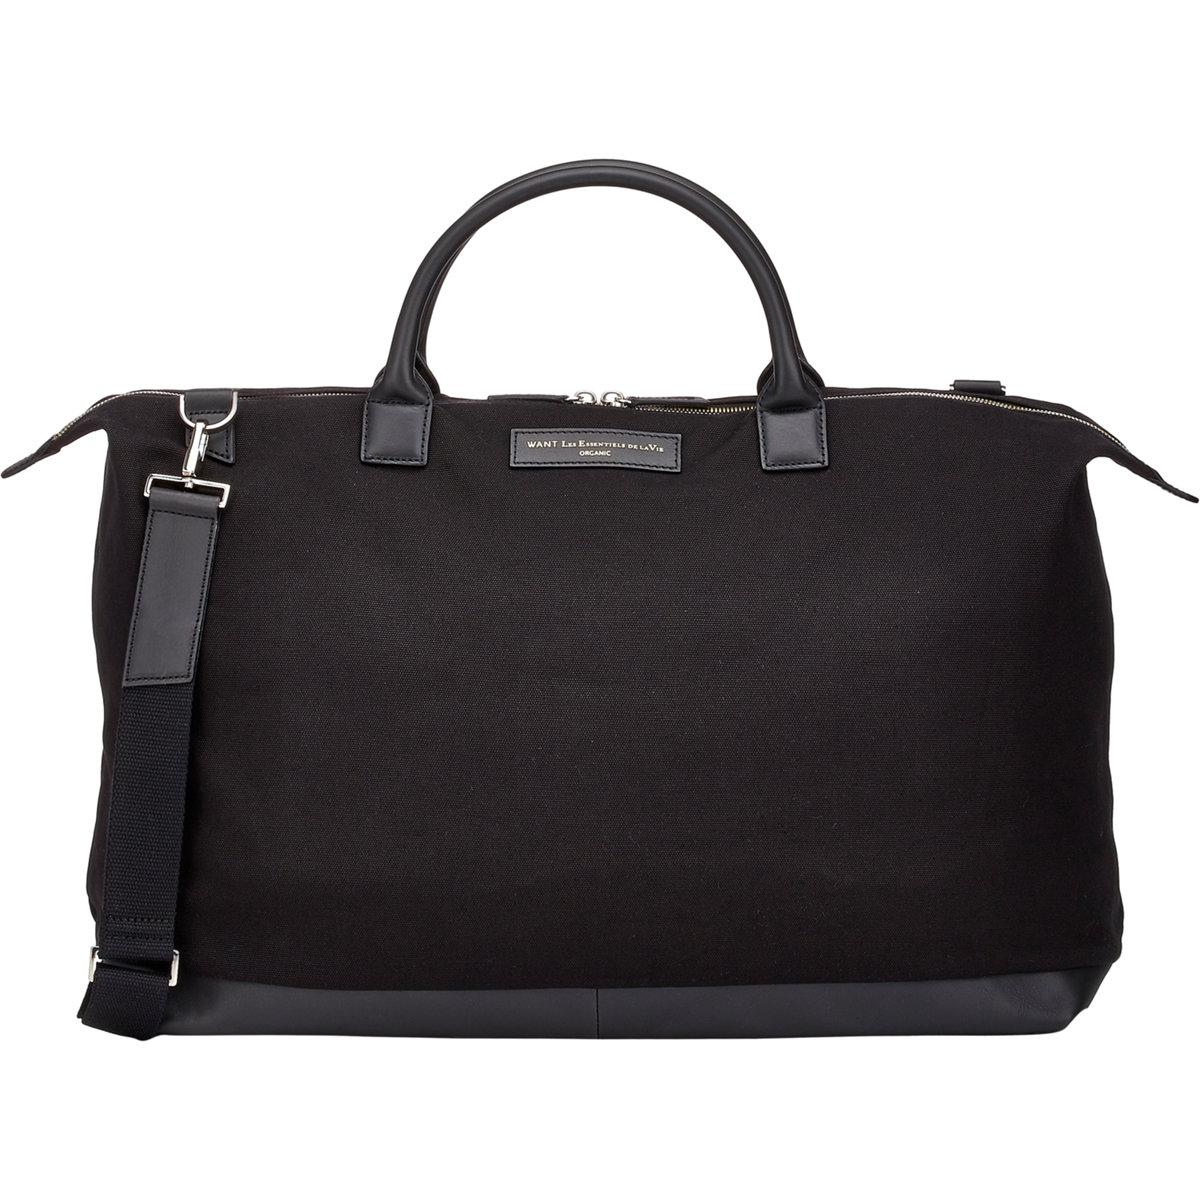 Want Les Essentiels Hommes Hartsfield Weekender Bag Amazone Jeu Meilleur Endroit La Vente En Ligne IBwkV8aFJH